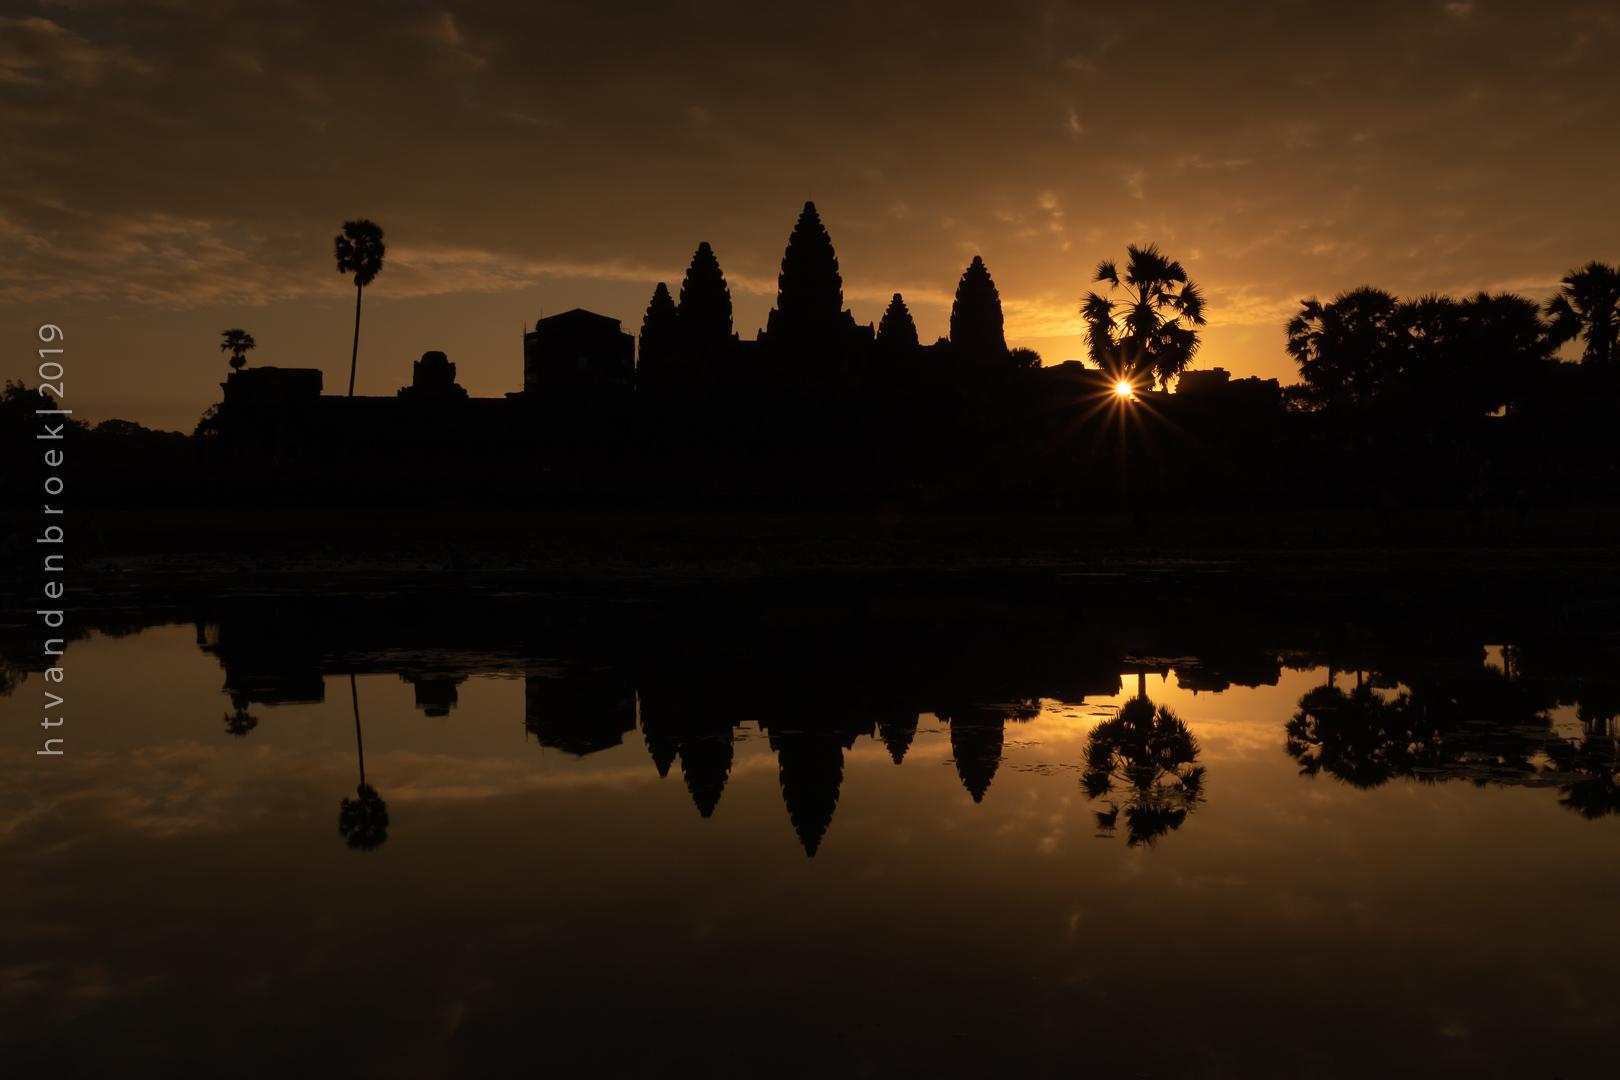 Angkor Wat - Reflecting Pool, Cambodia